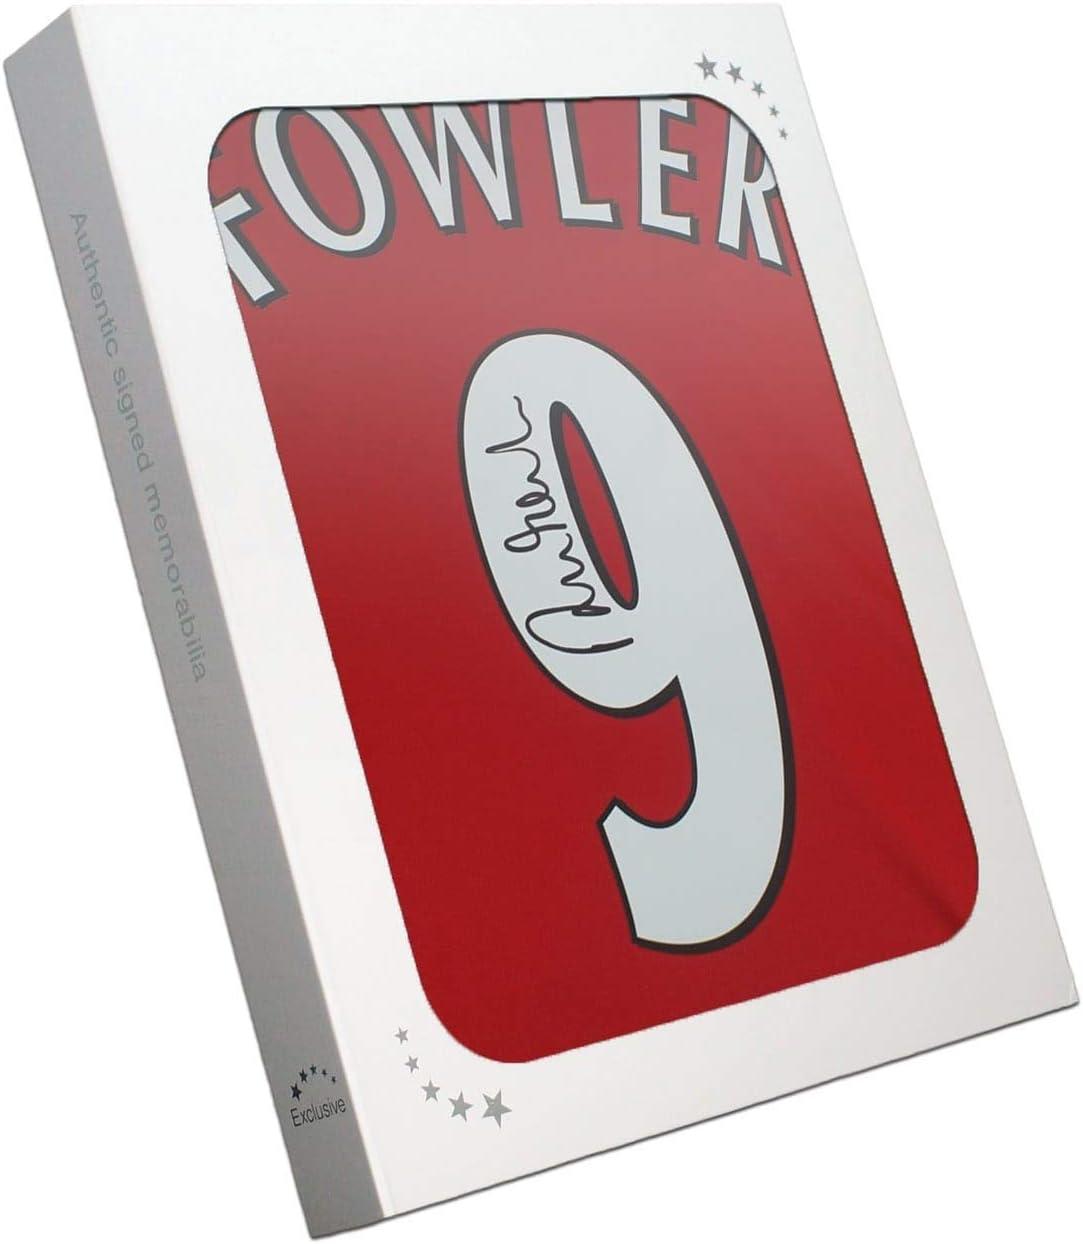 Exclusivo Memorabilia Robbie Fowler Back Firmado 2001 Liverpool Camisa en Caja de Regalo